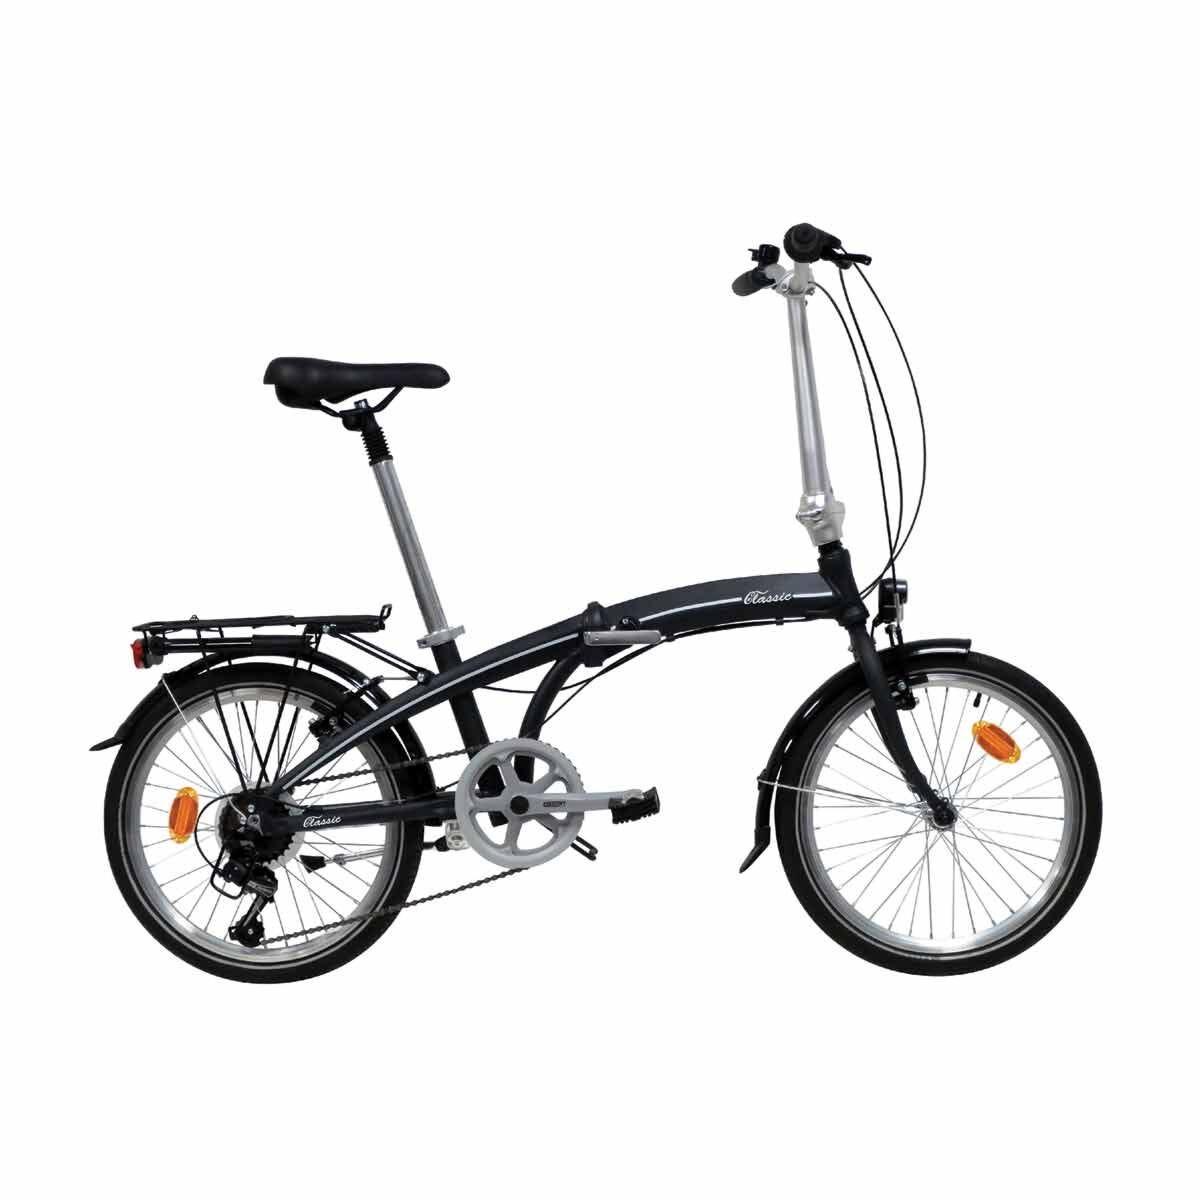 Classic Alloy Folding Bike